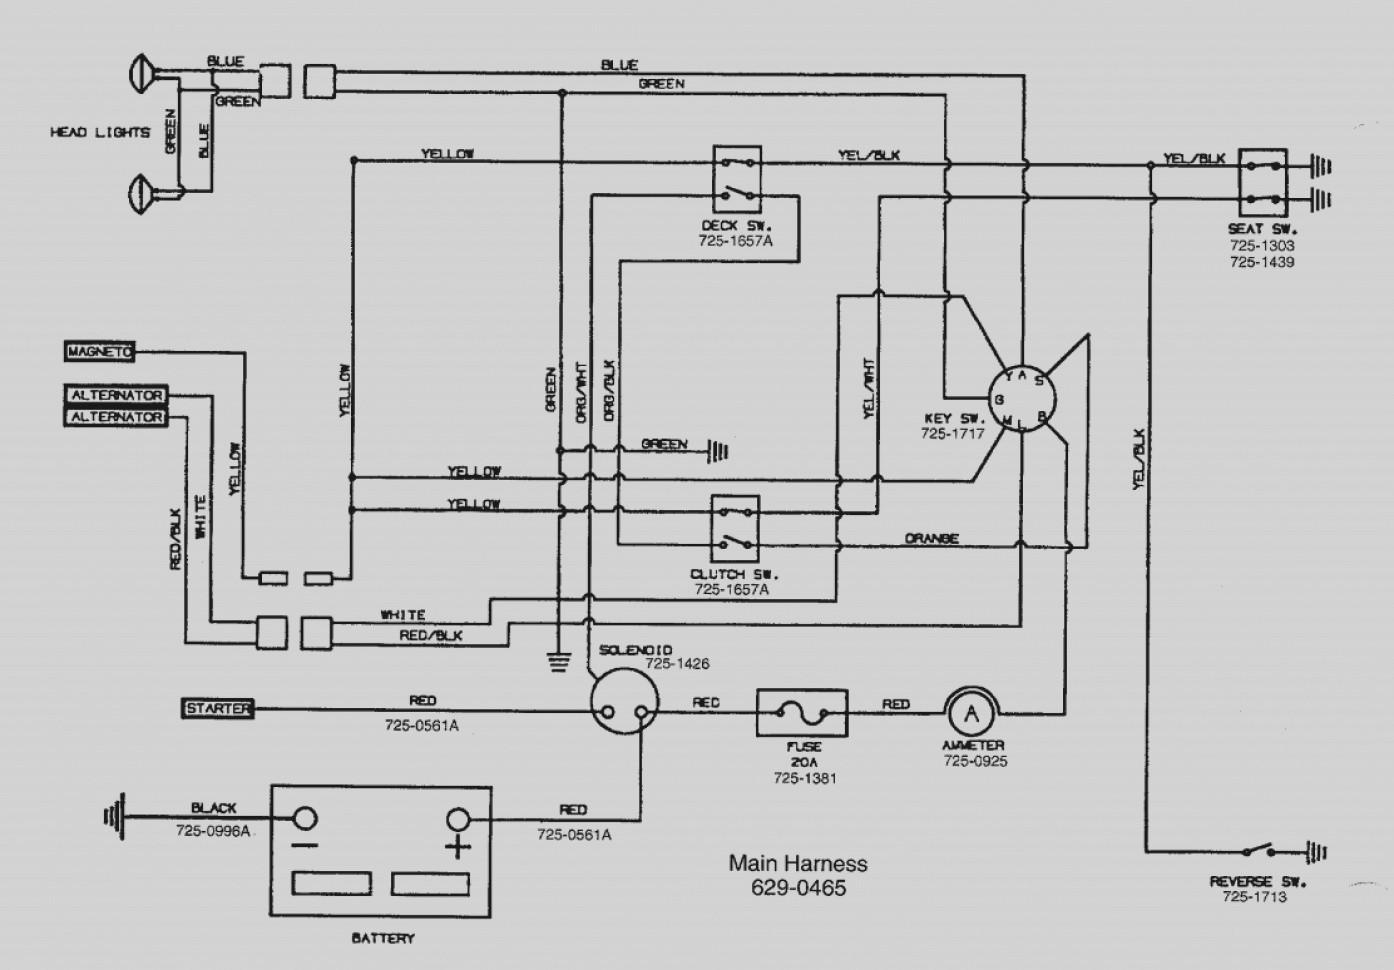 Mtd Yard Machine Wiring Diagram | Wiring Diagram A C Schematic Wiring Diagram on